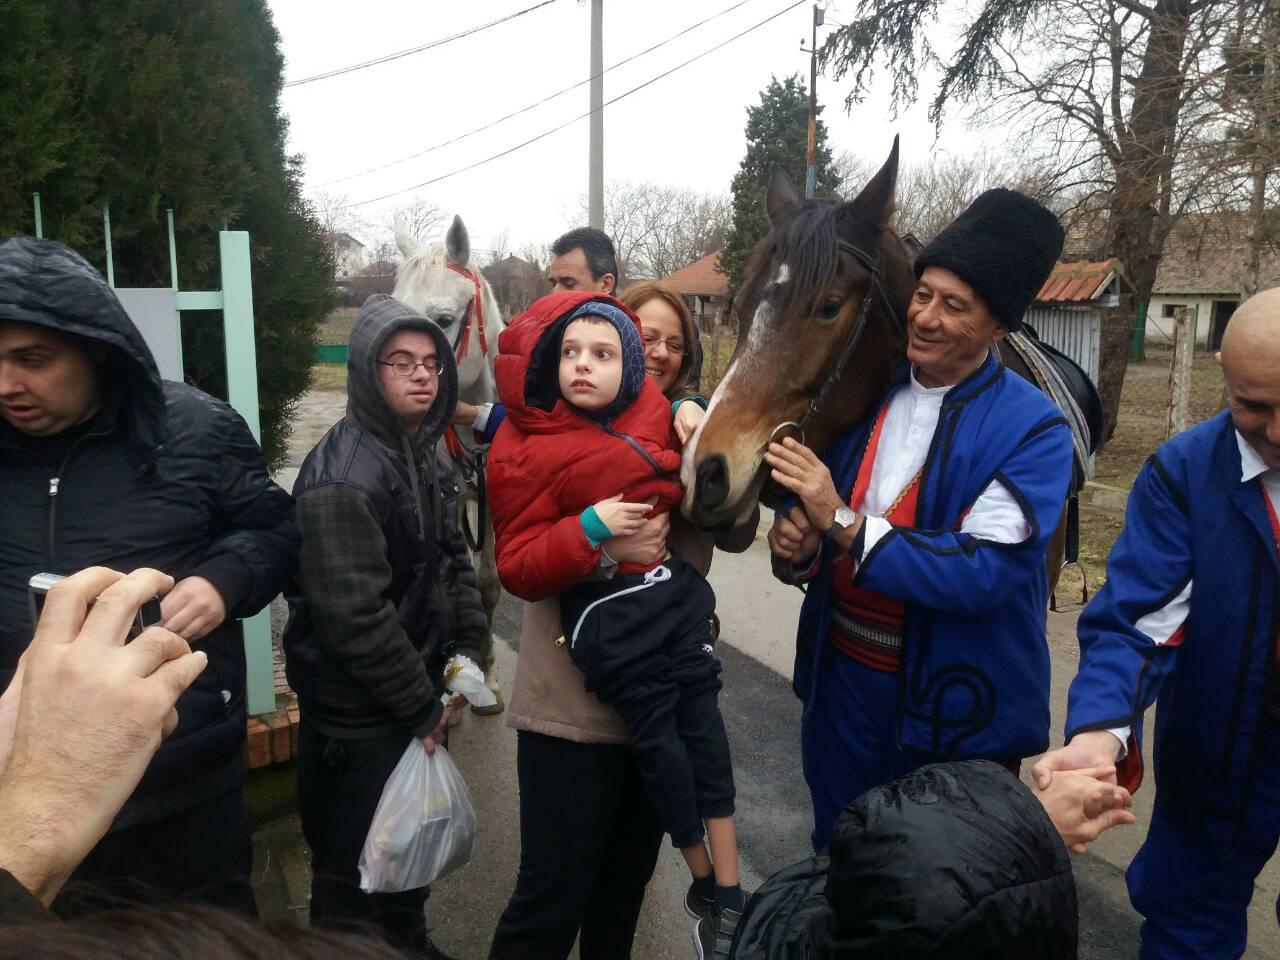 """Konjički klub """"Knez Mihailo"""" pripremio je za korisnike Centra za dnevni boravak novogodišnje paketiće FOTO 12995"""